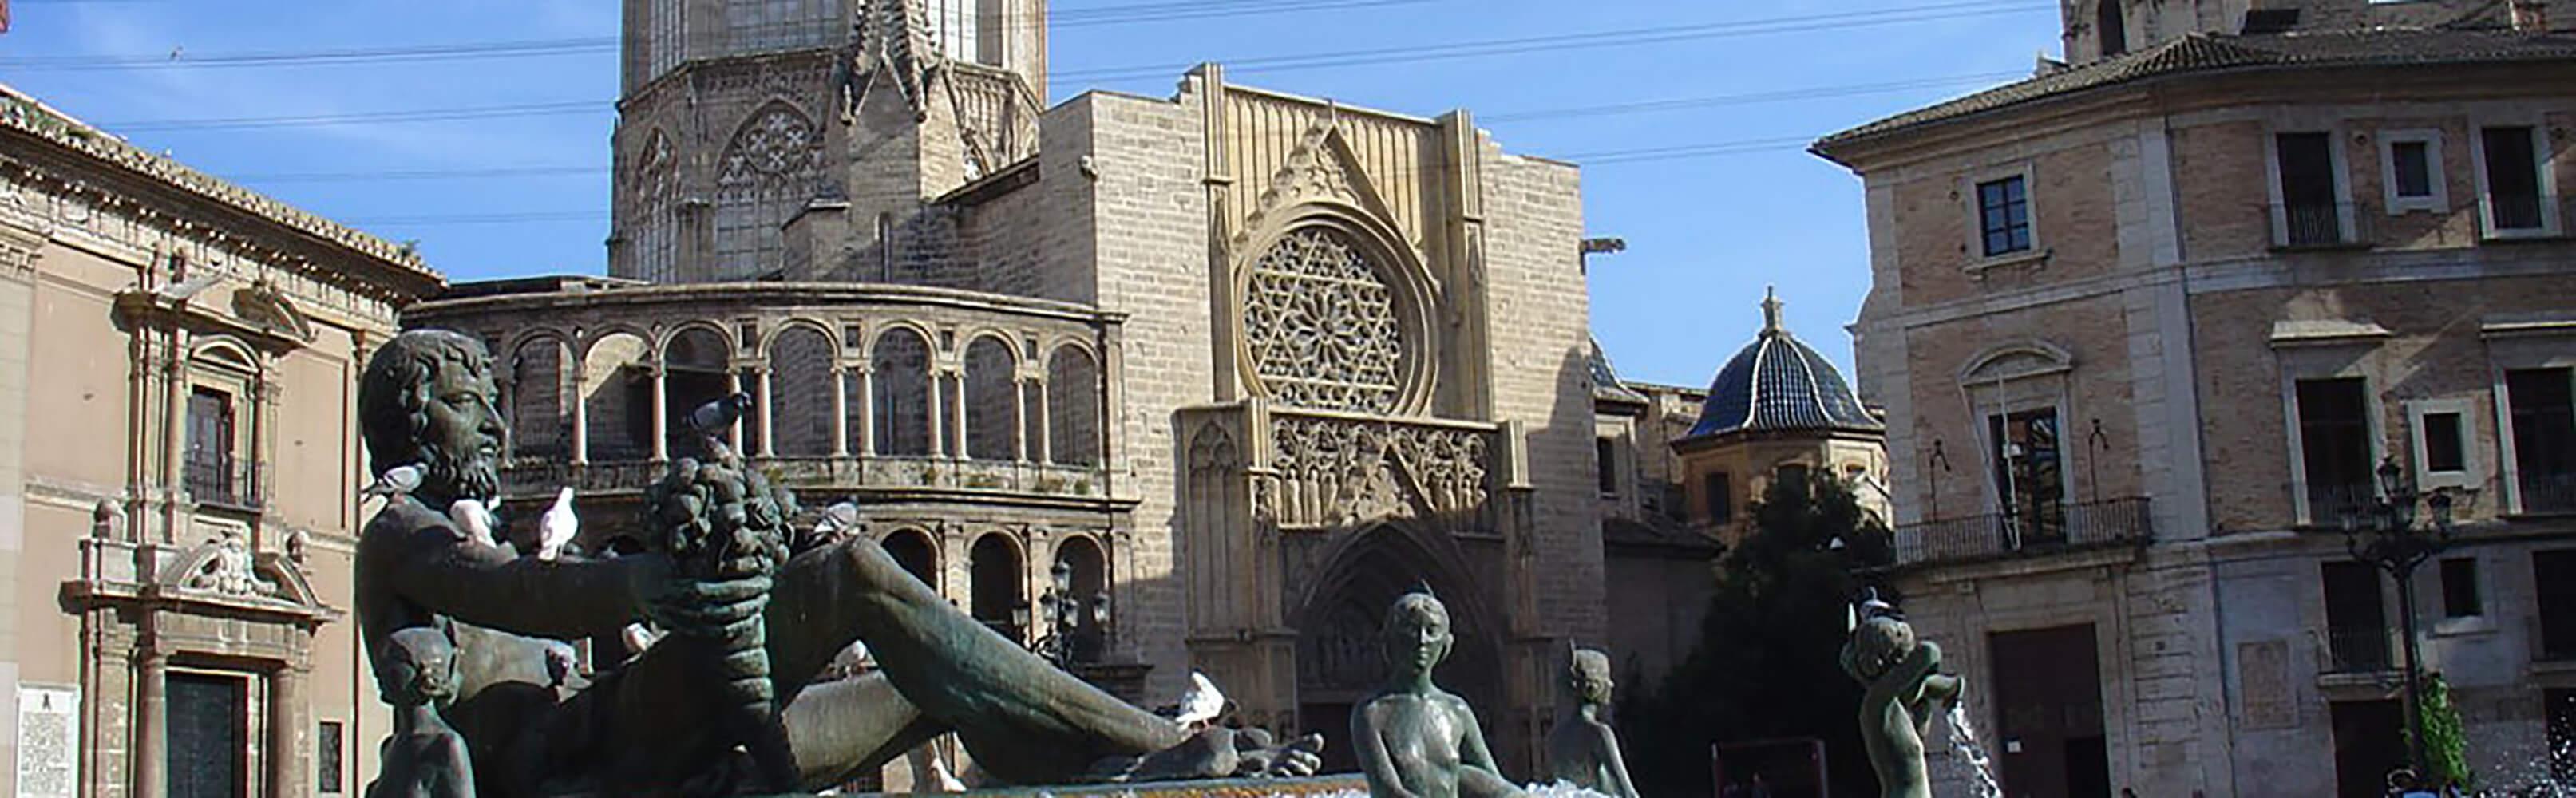 Kathedrale von Valencia 1